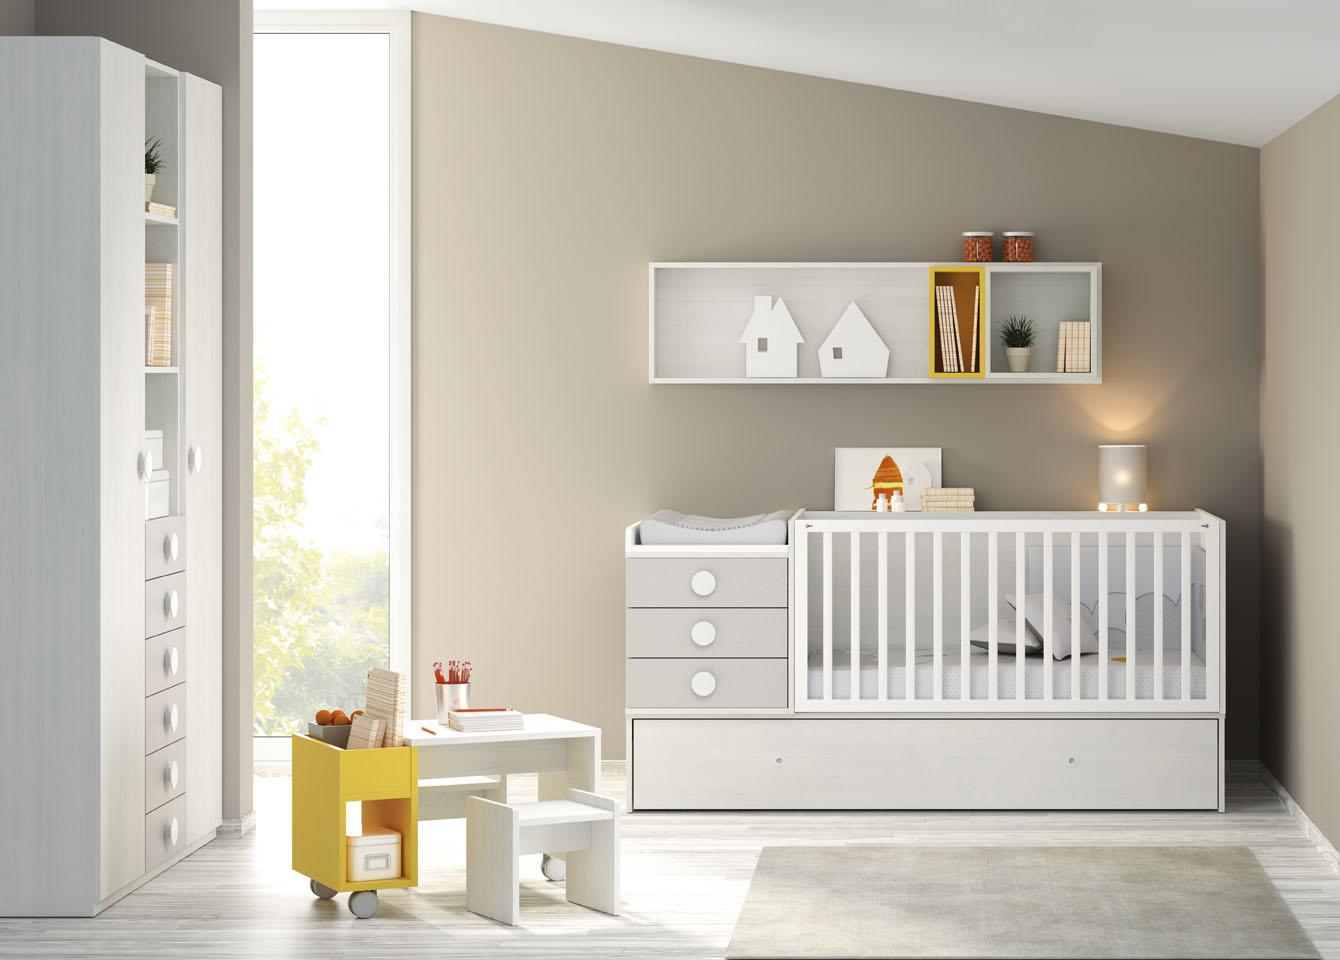 Muebles ros cuna convertible la opci n m s sostenible - Habitaciones de bebe convertibles ...